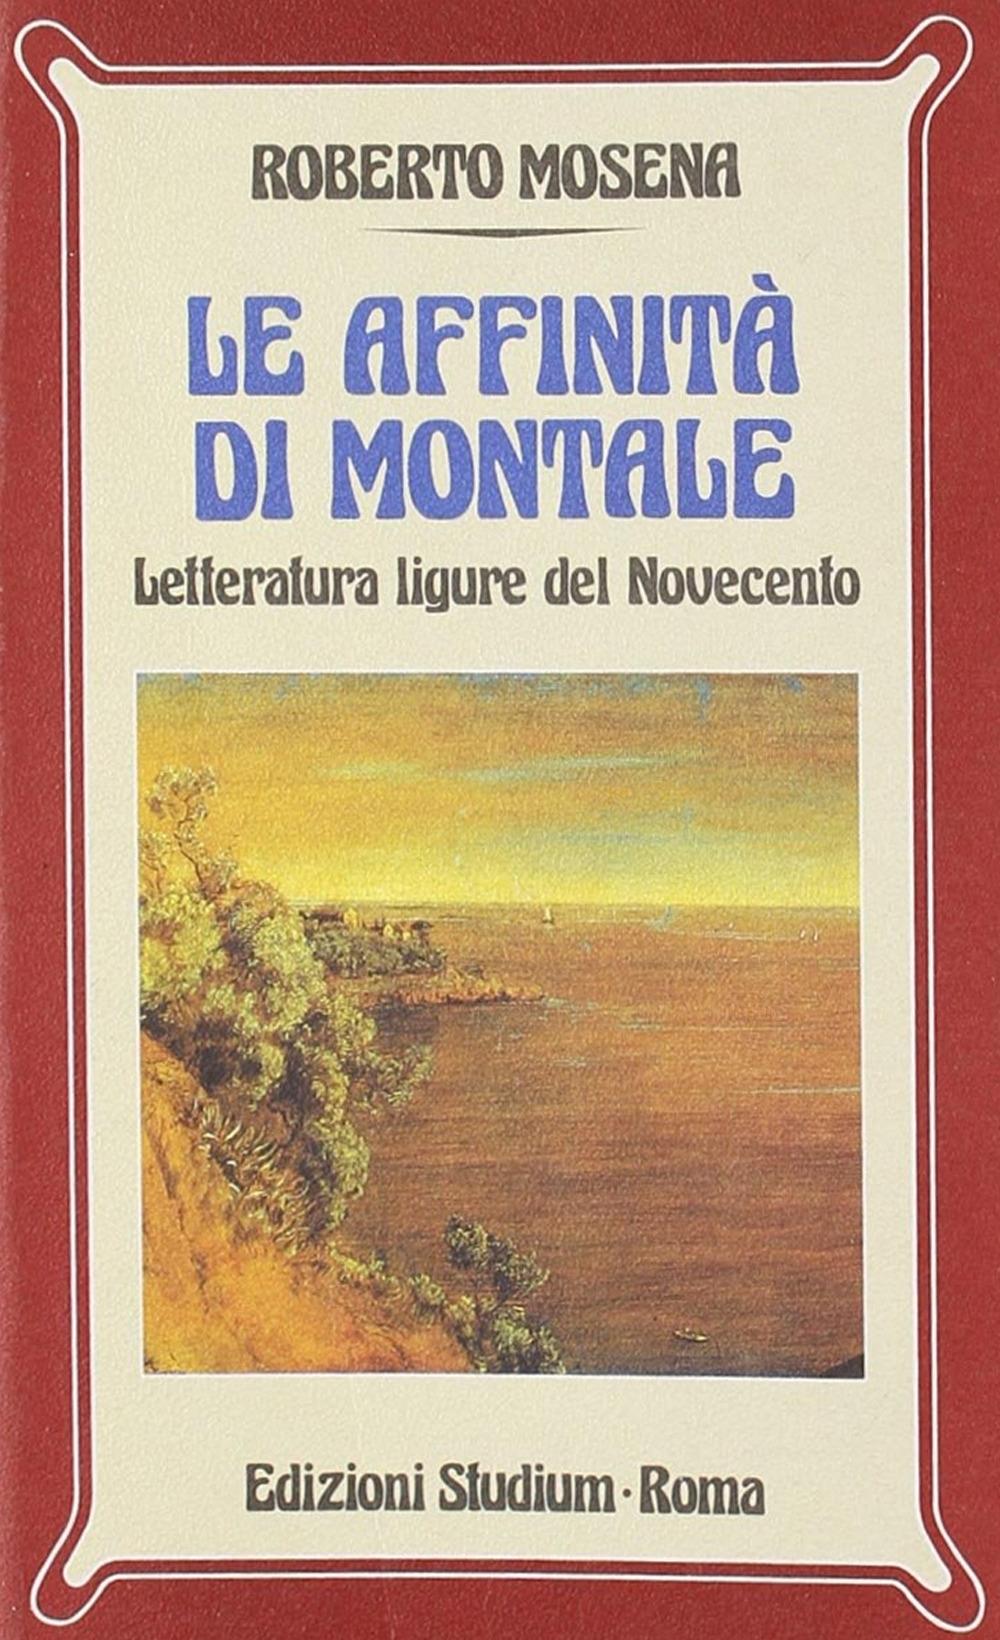 Le affinità di Montale. Letteratura ligure del Novecento